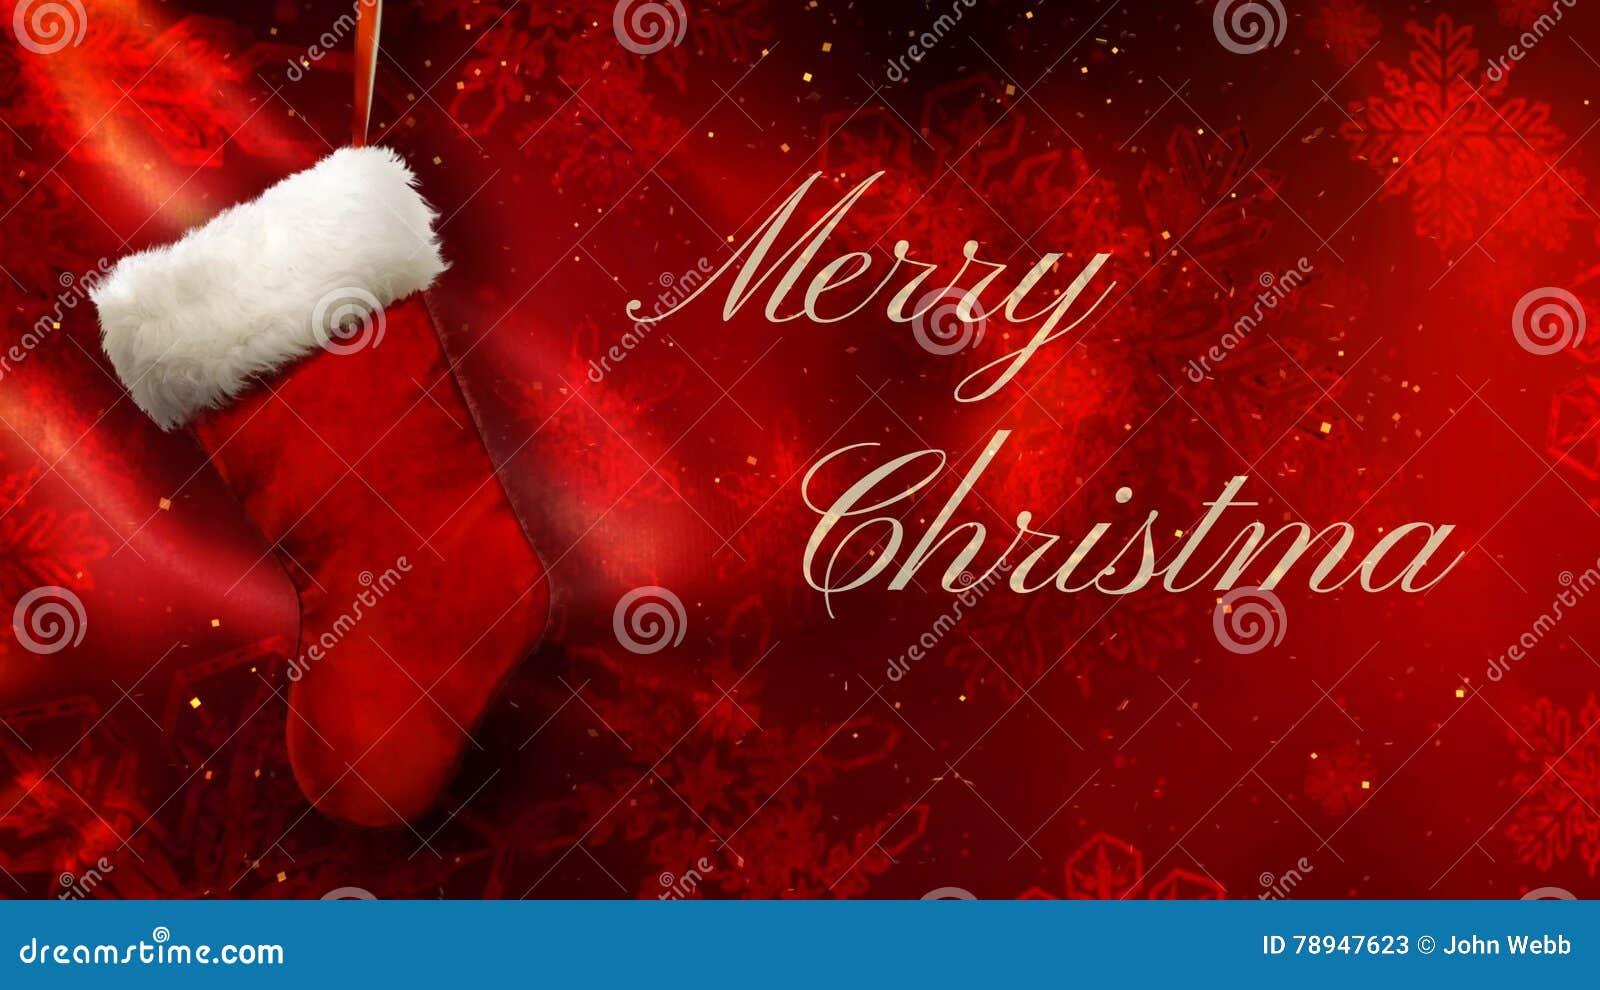 Sfondi Natalizi 4k.Buon Natale Che Immagazzina Sul Rosso Con Il Ciclo Dorato Dei Fiocchi 4k